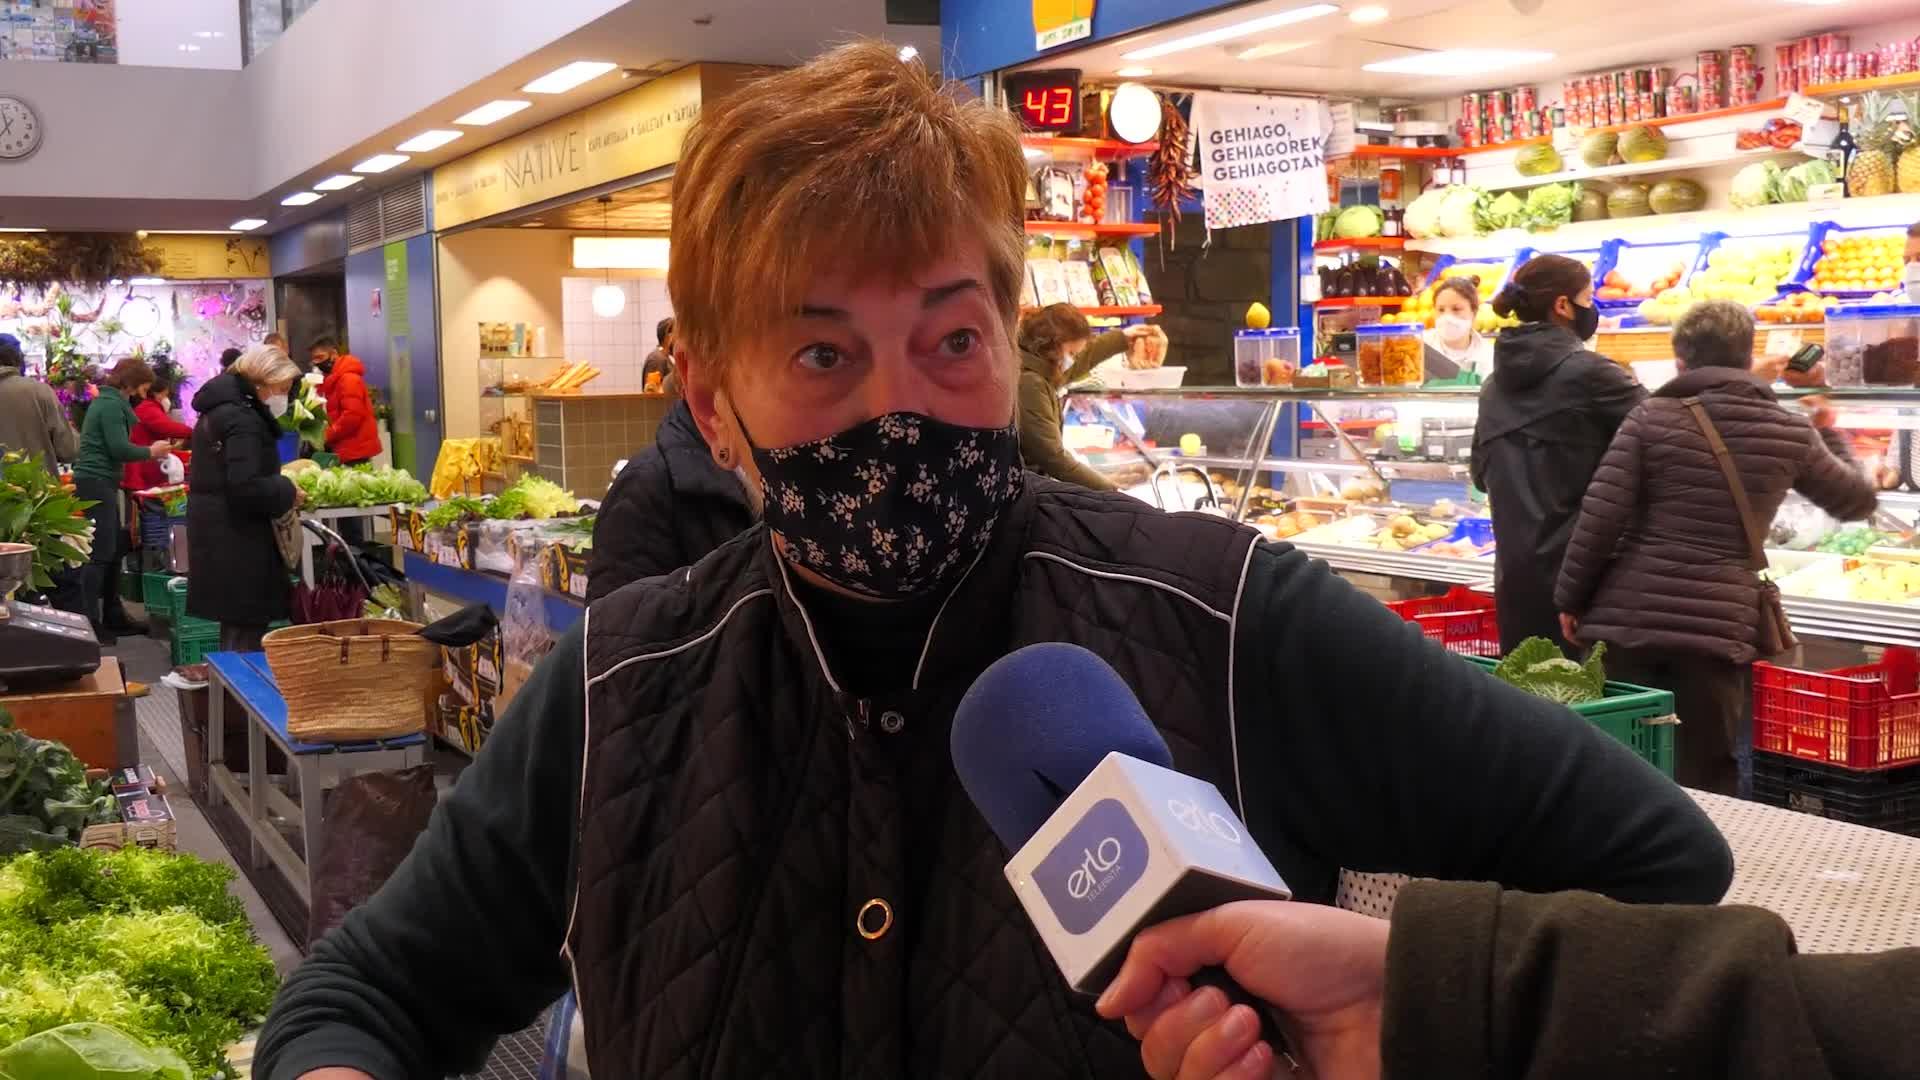 Kale inkesta: zer ari dira egiten zarauztarrak eremu gorritik urrun mantentzeko?